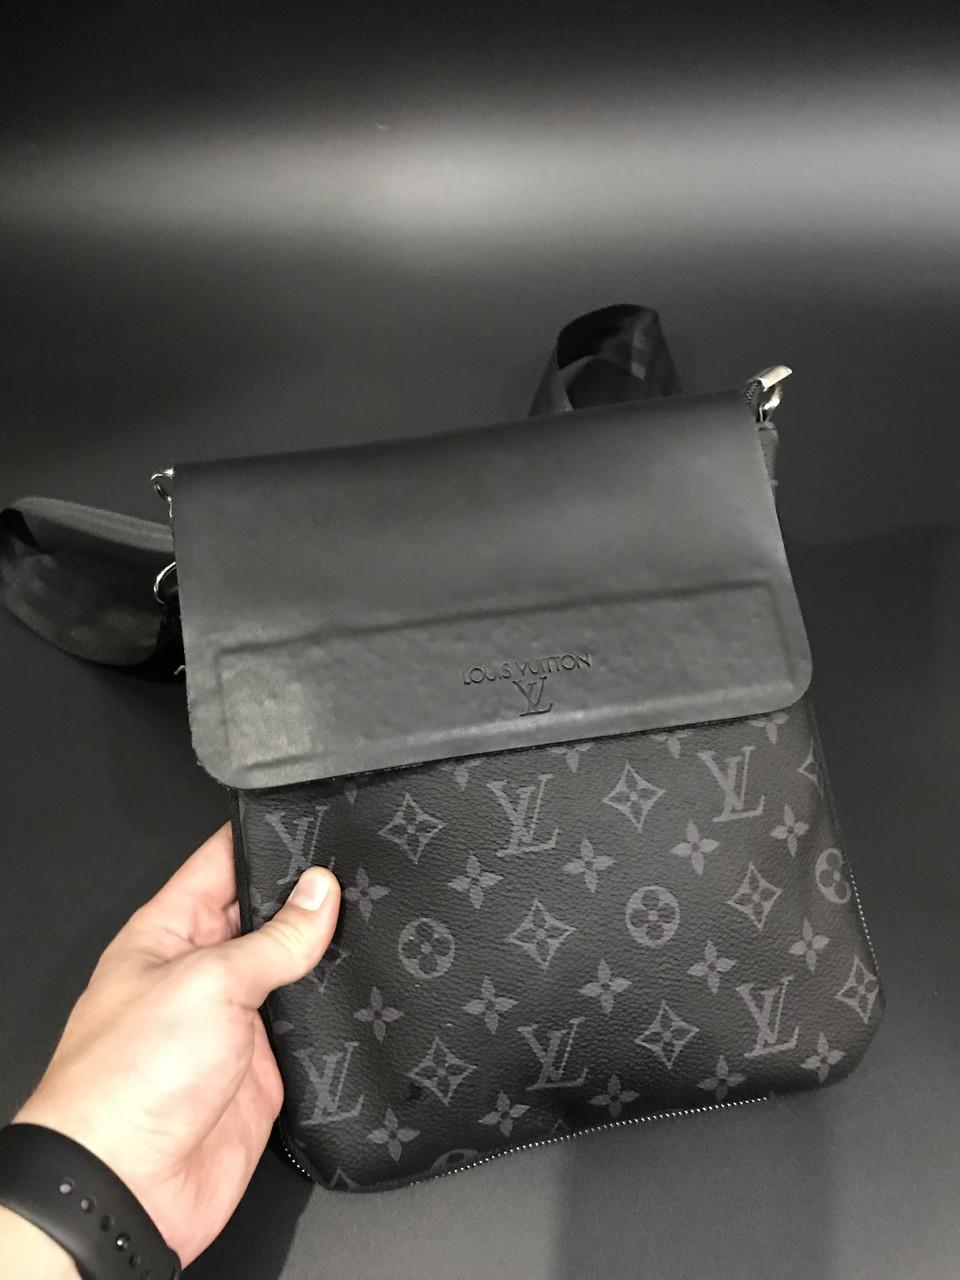 d57144563f5c Сумка мужская через плечо брендовая Louis Vuitton Monogram черная копия  высокого качества - AMARKET - Интернет